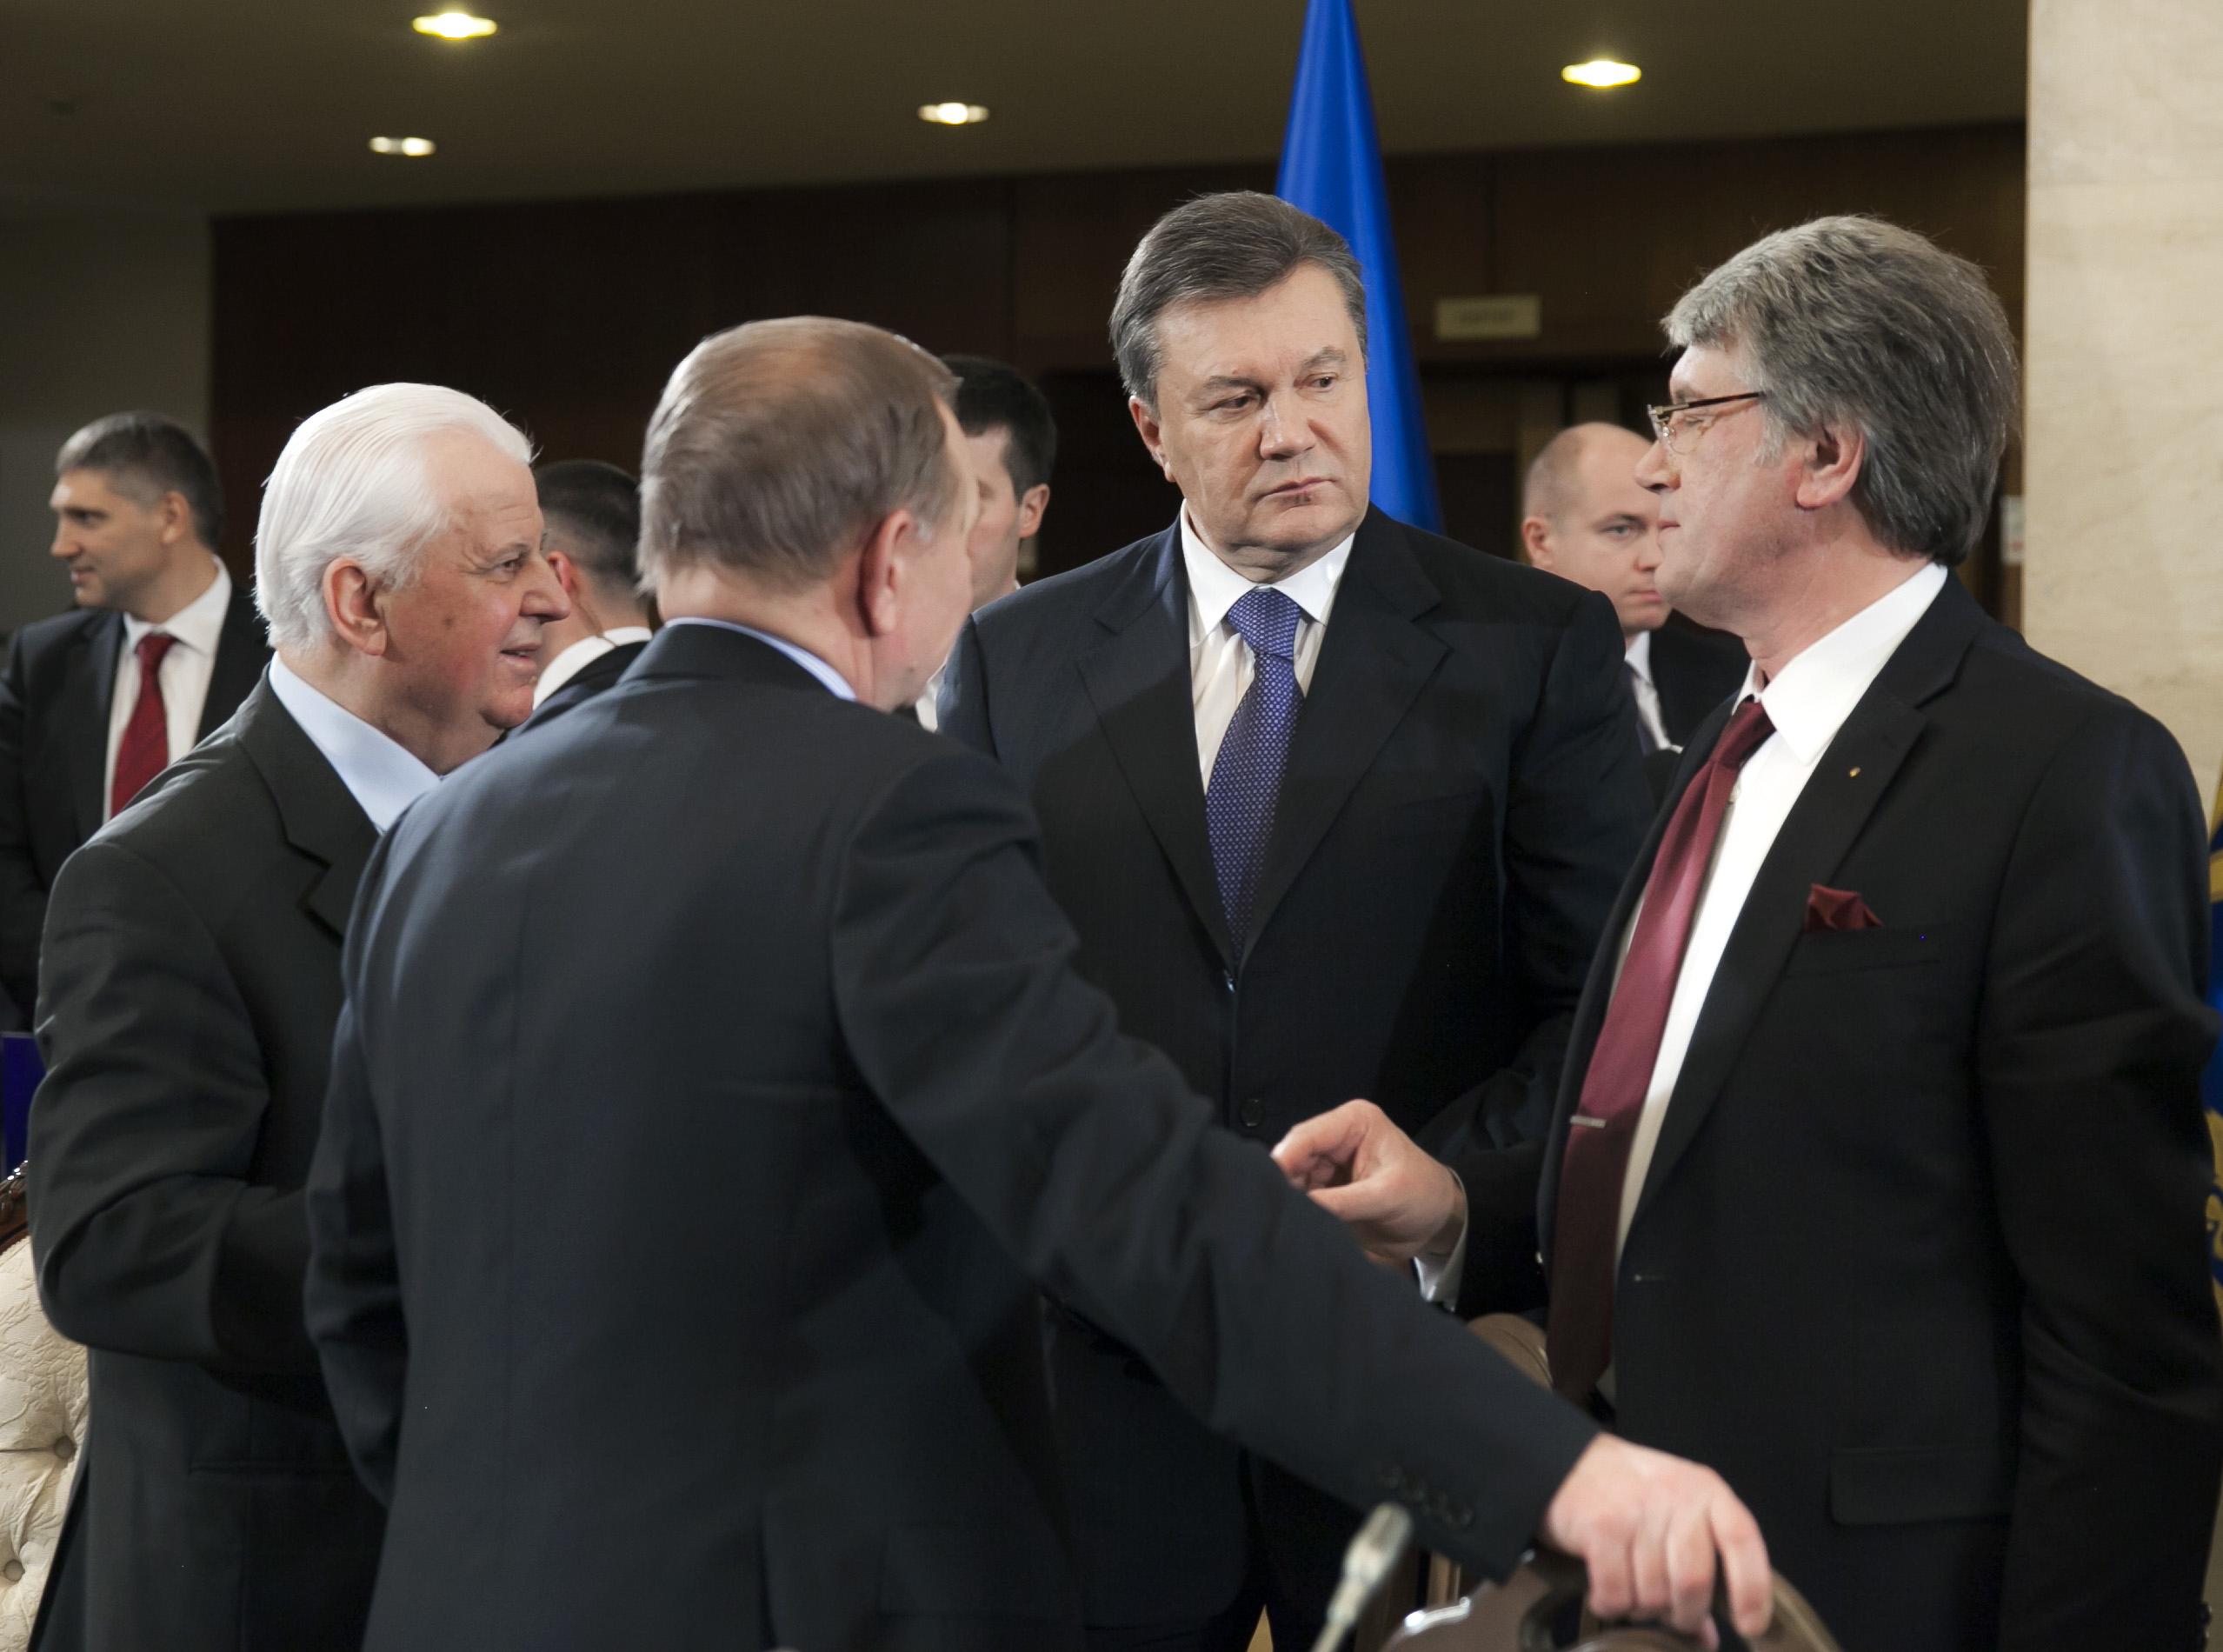 Картинки по запросу все украинские  президенты фото вместе